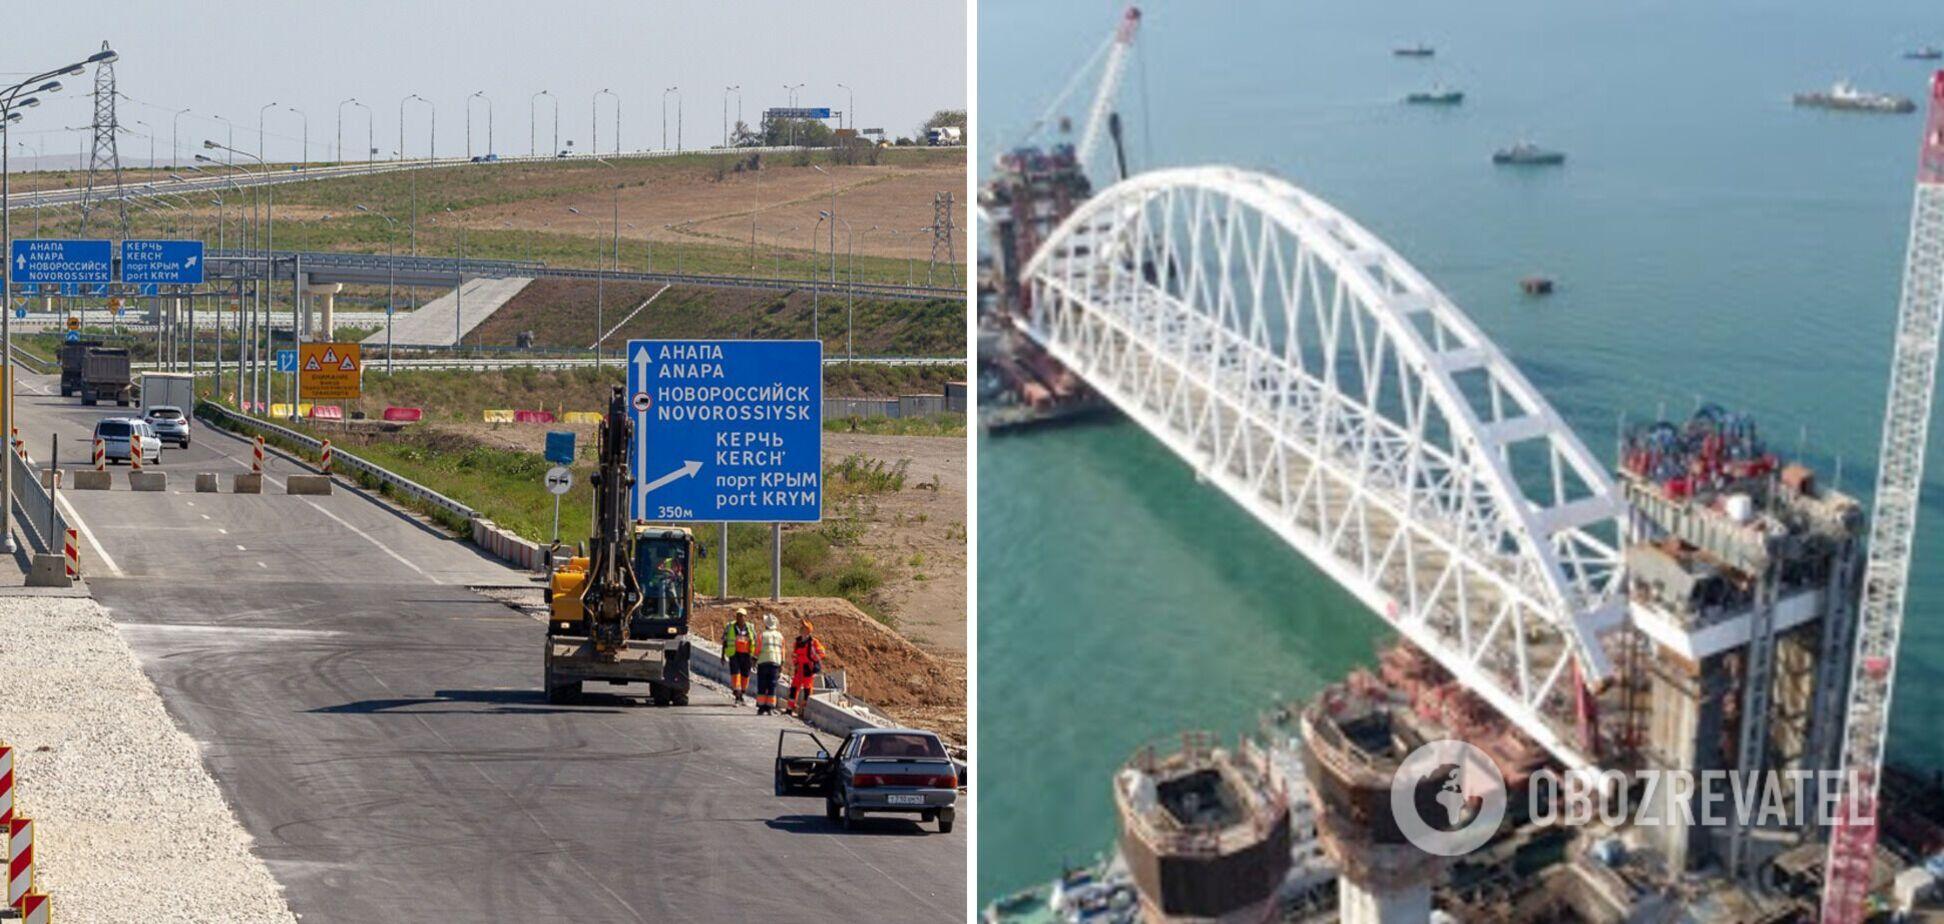 Новий глава хмельницького автодору володів компанією, причетною до будівництва доріг у Криму – ЗМІ